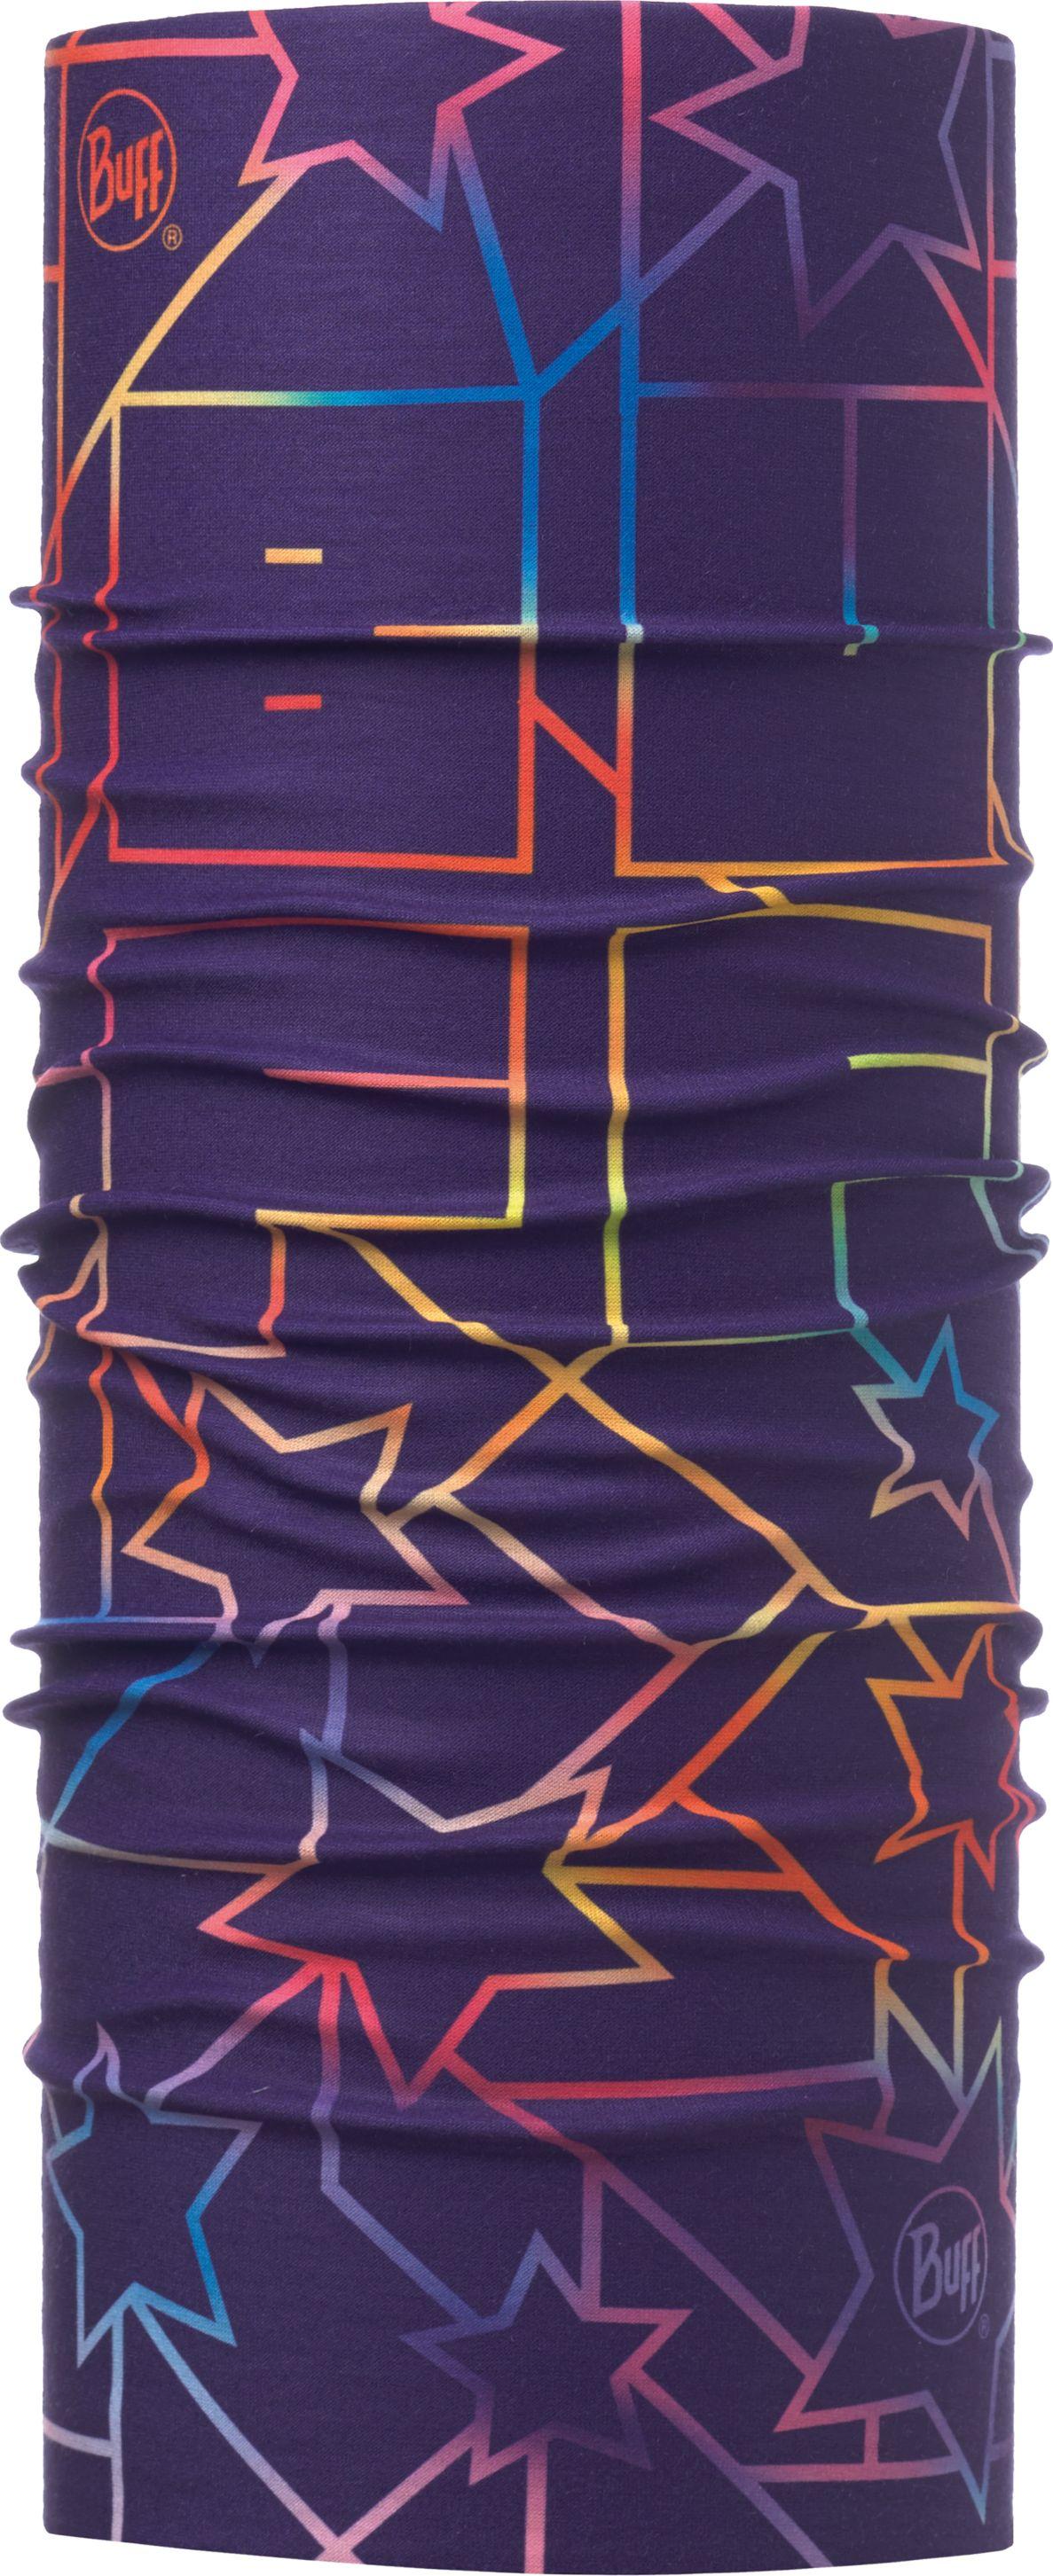 Купить Бандана детская Buff UV Protection Junior Supernova Purple, цвет: фиолетовый. 117115.605.10.00. Размер универсальный